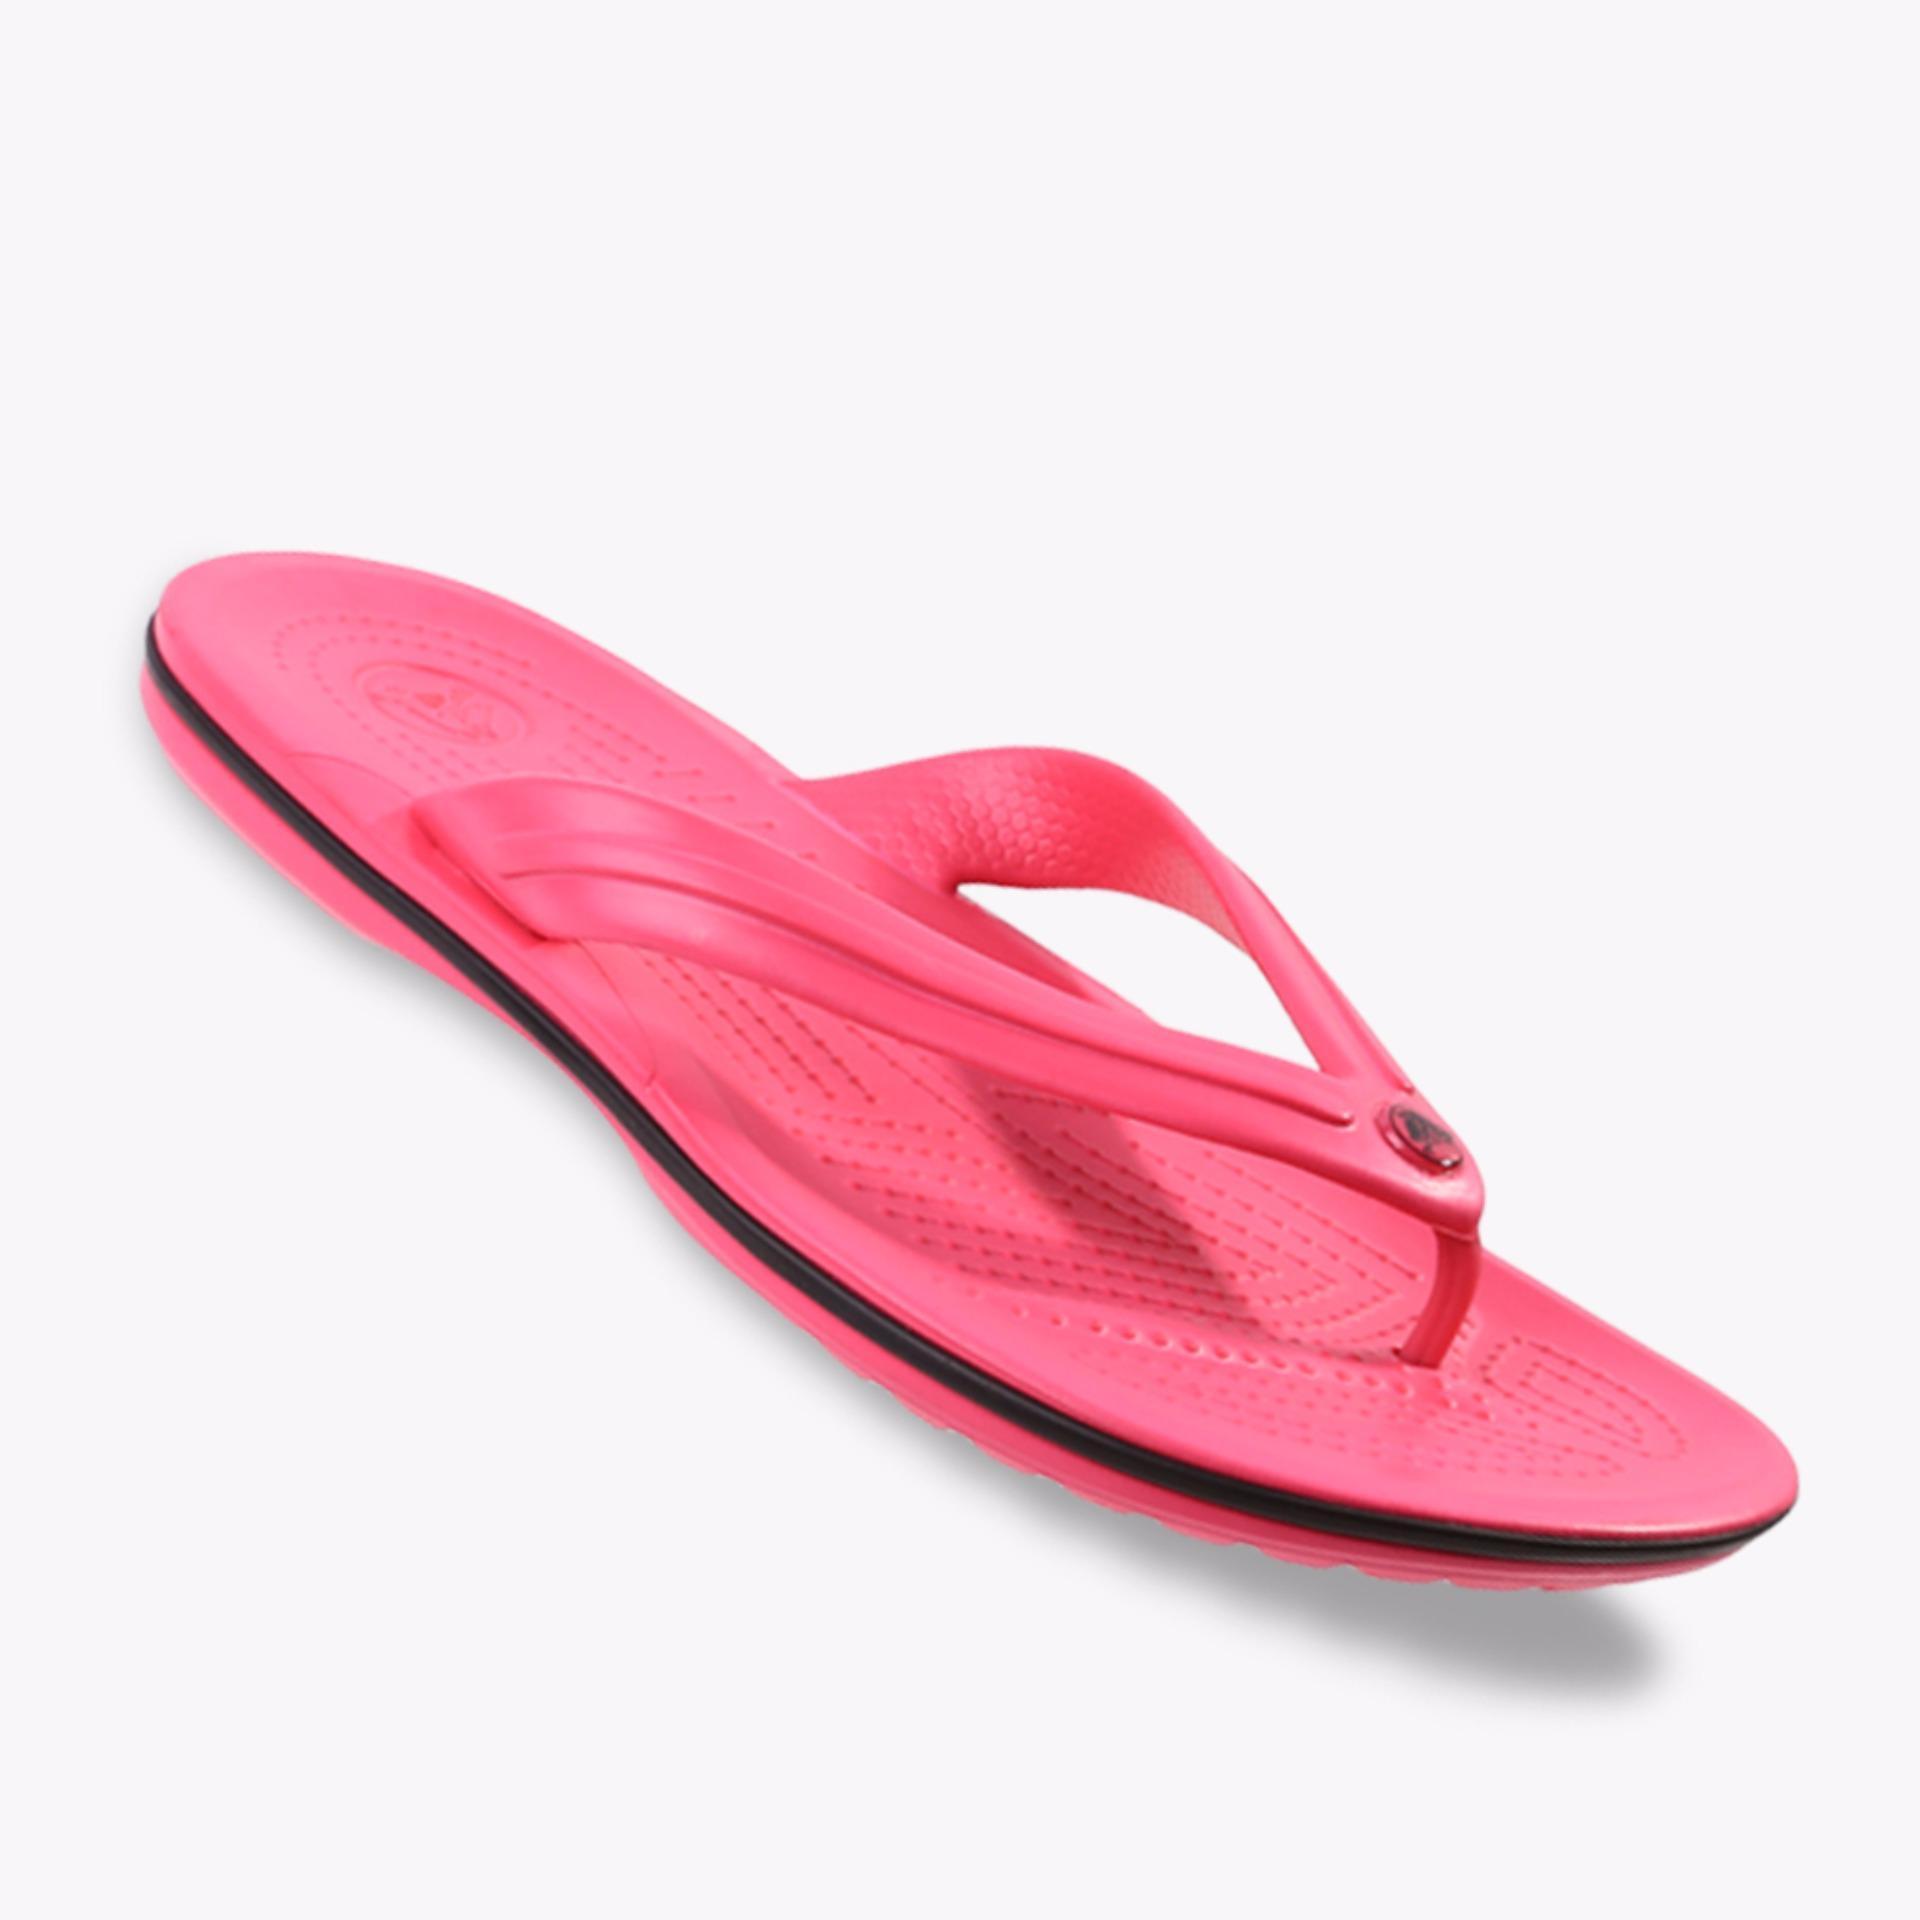 Review Toko Crocs Crocband Flip Unisex Sandals Pink Online